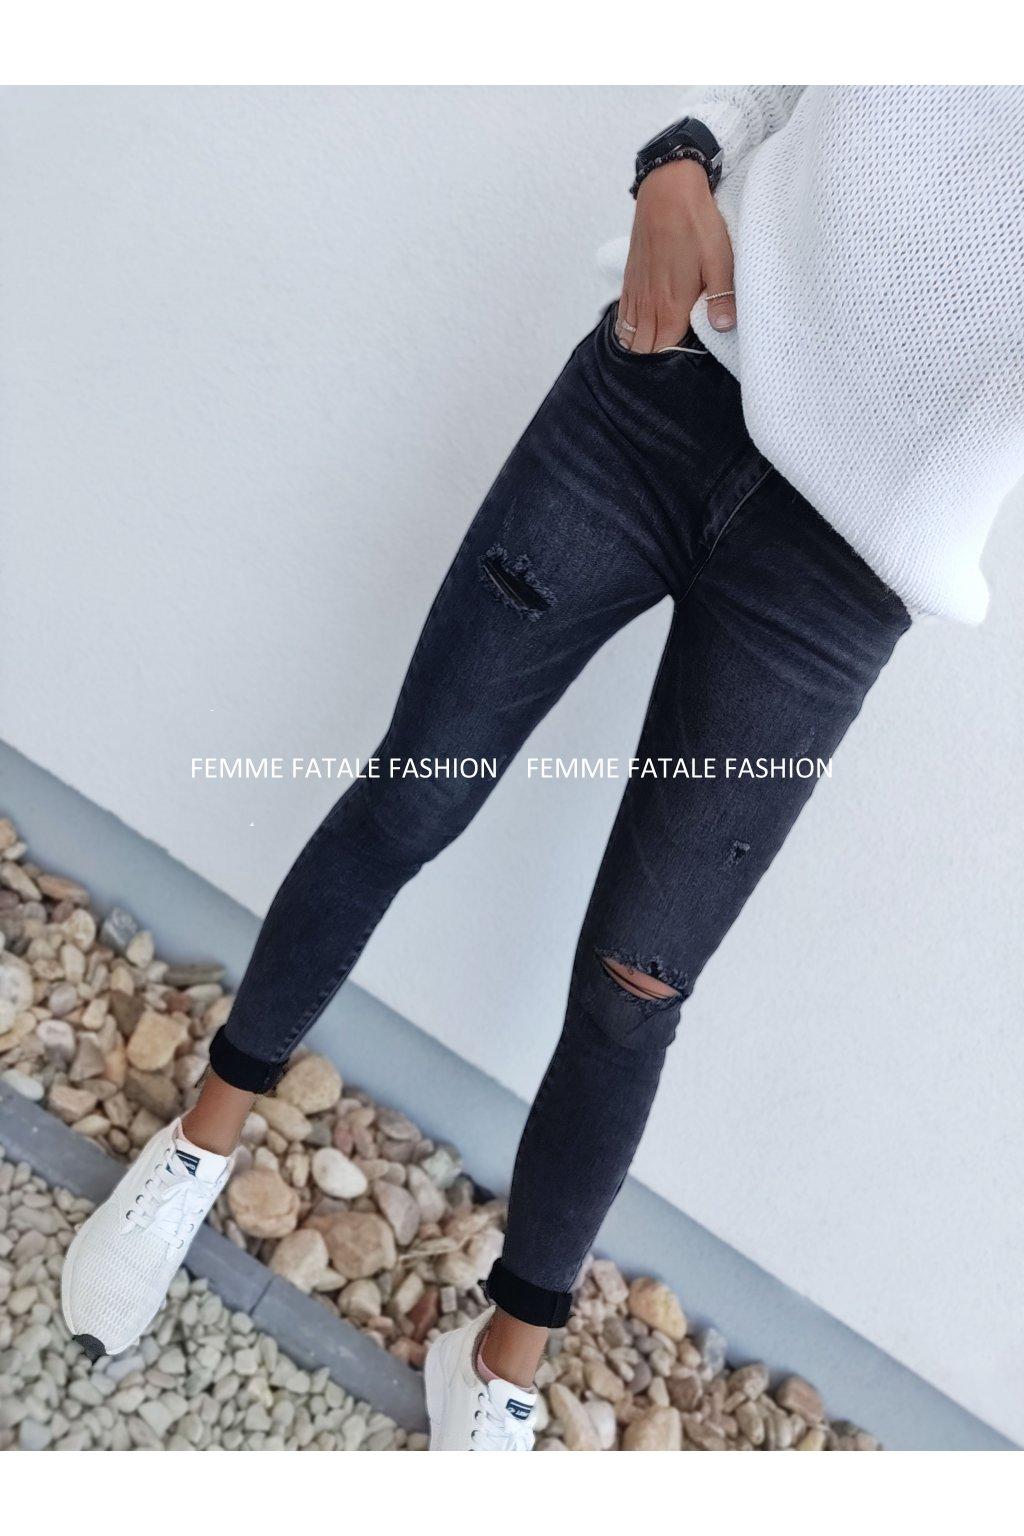 Dámské černé trhané džíny NELIE femmefatalefashion (4)